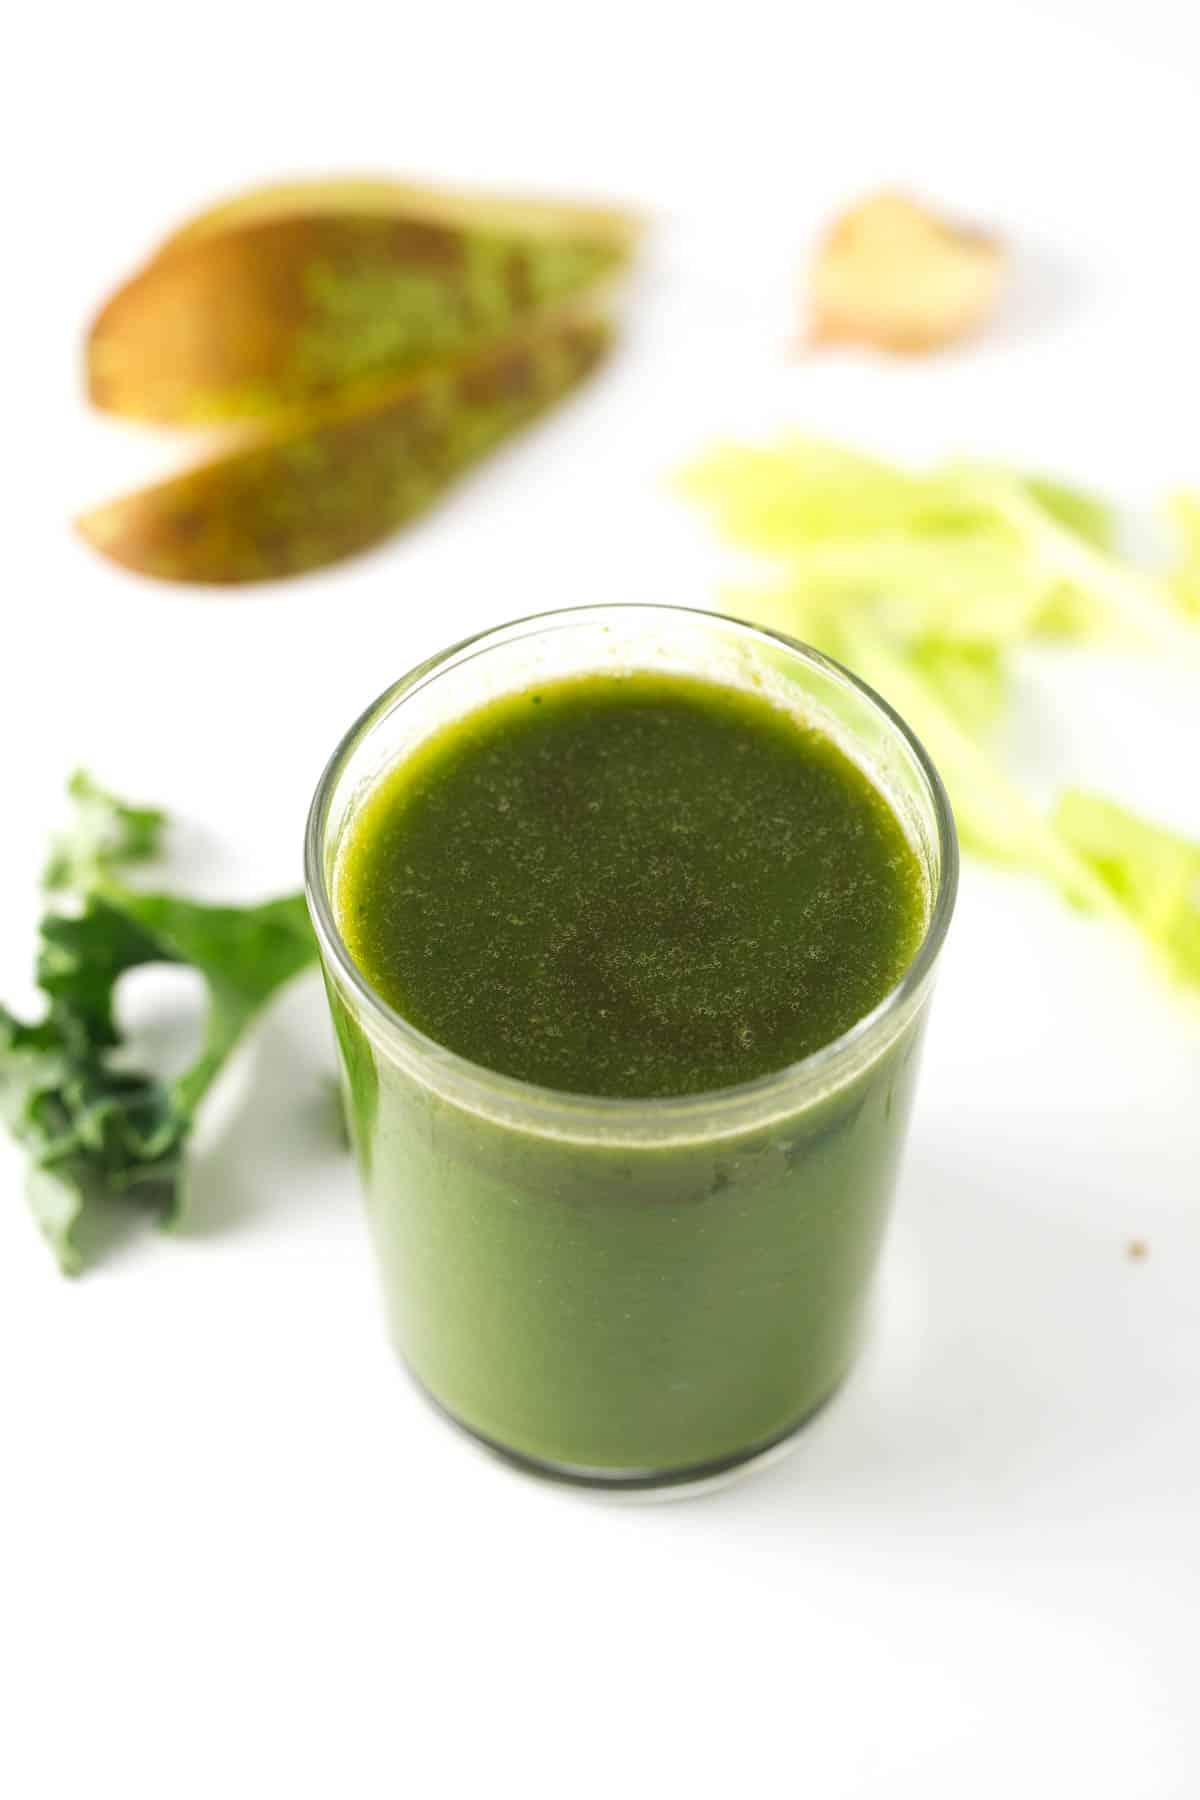 Zumo o jugo verde para mejorar la digestión - Este zumo o jugo verde es perfecto para favorecer o mejorar la digestión. Además, el jengibre nos ayudará a despertarnos por las mañanas.